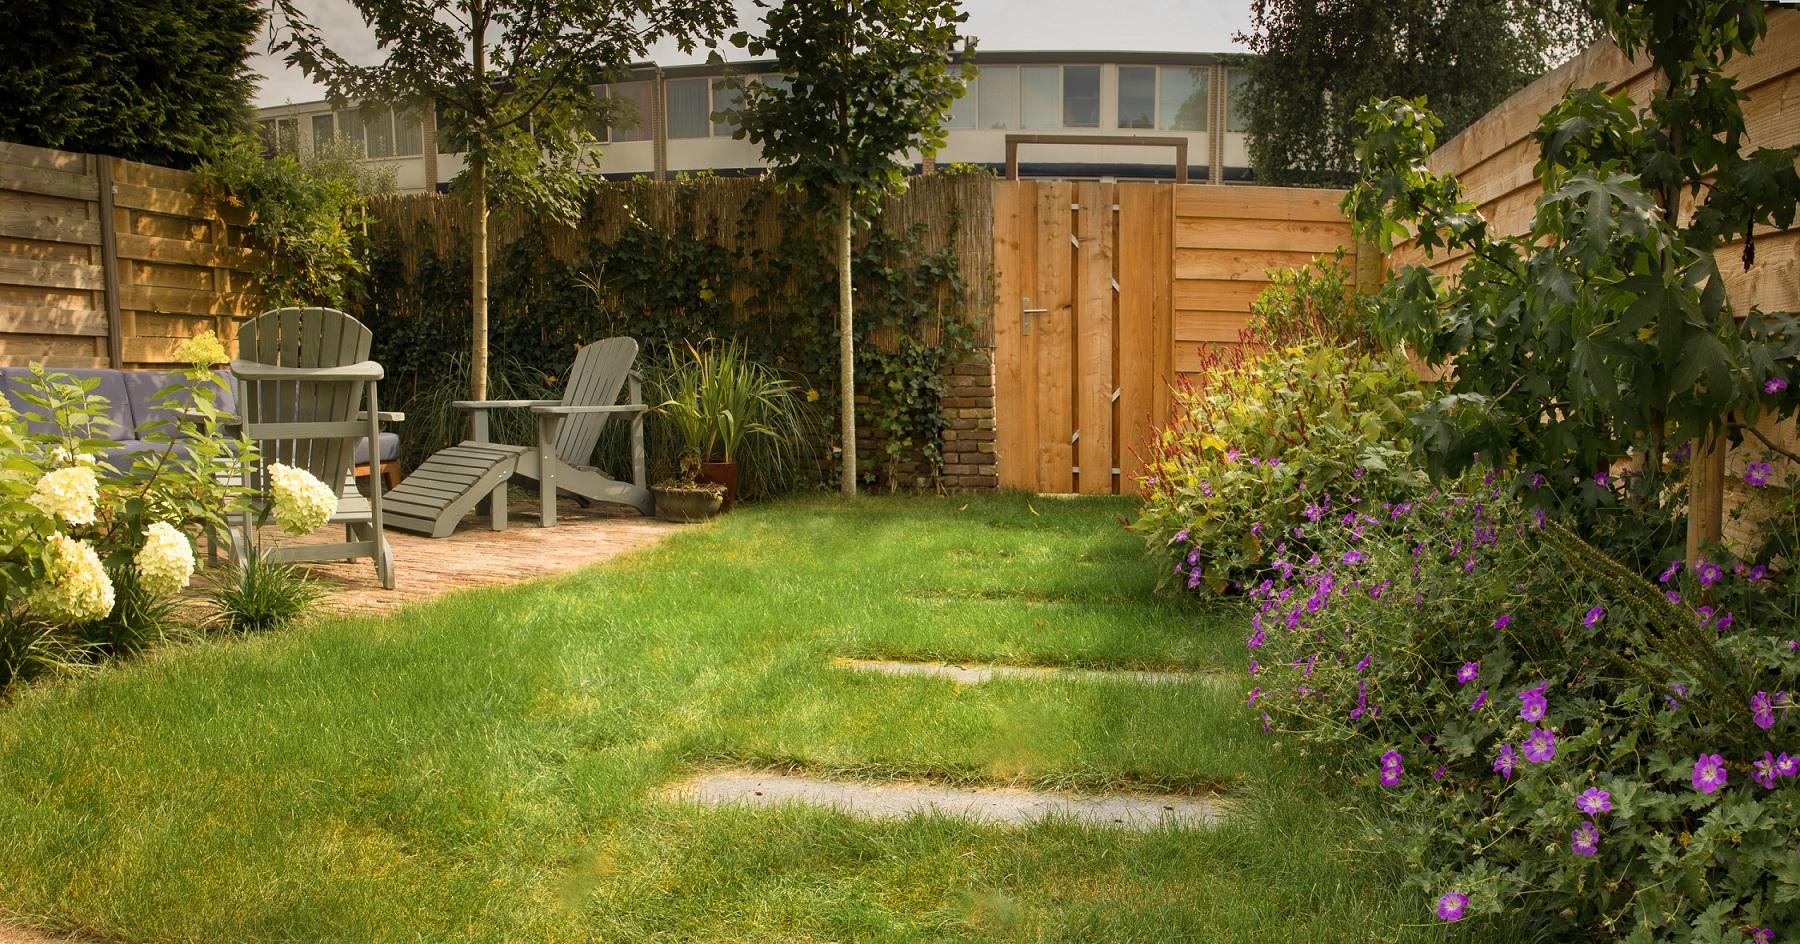 Vragen over uw tuin madhuizen geeft advies en beantwoord uw vragen